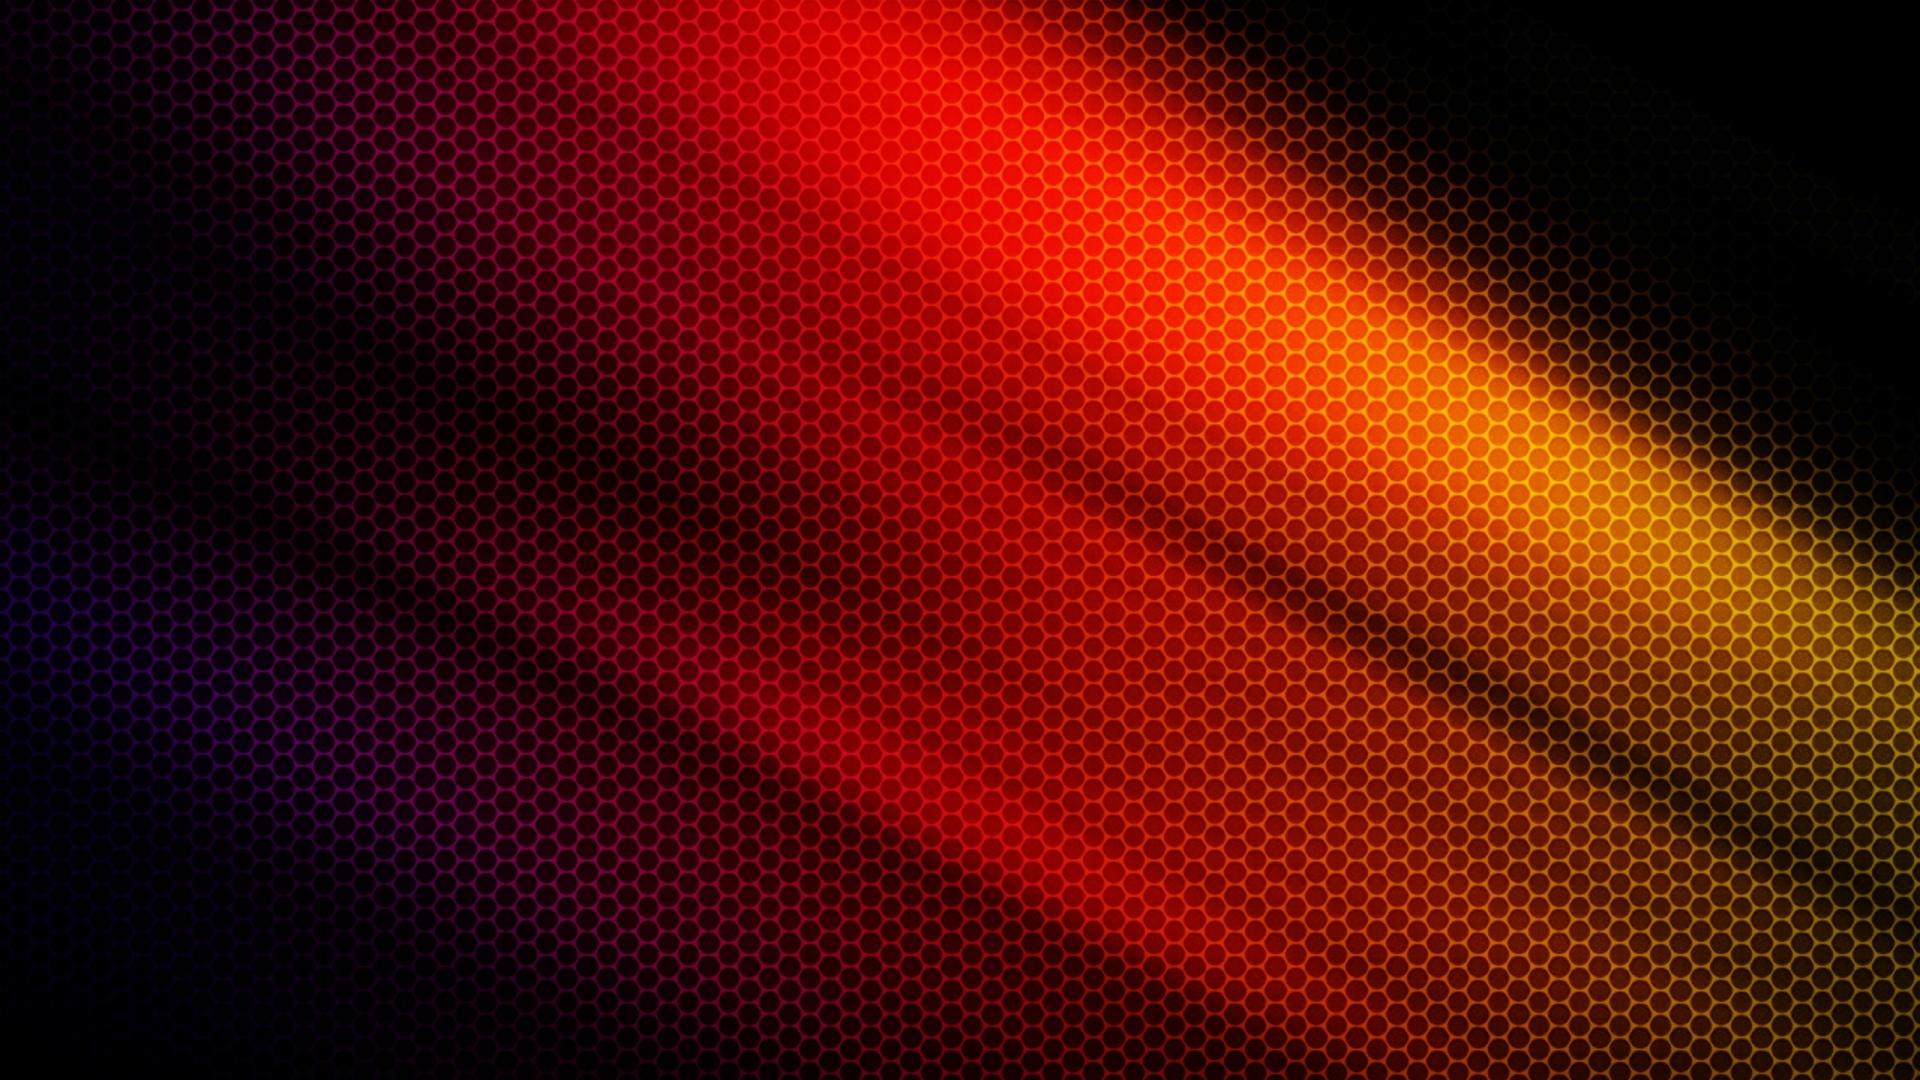 поверхность, красно-желтая, узор